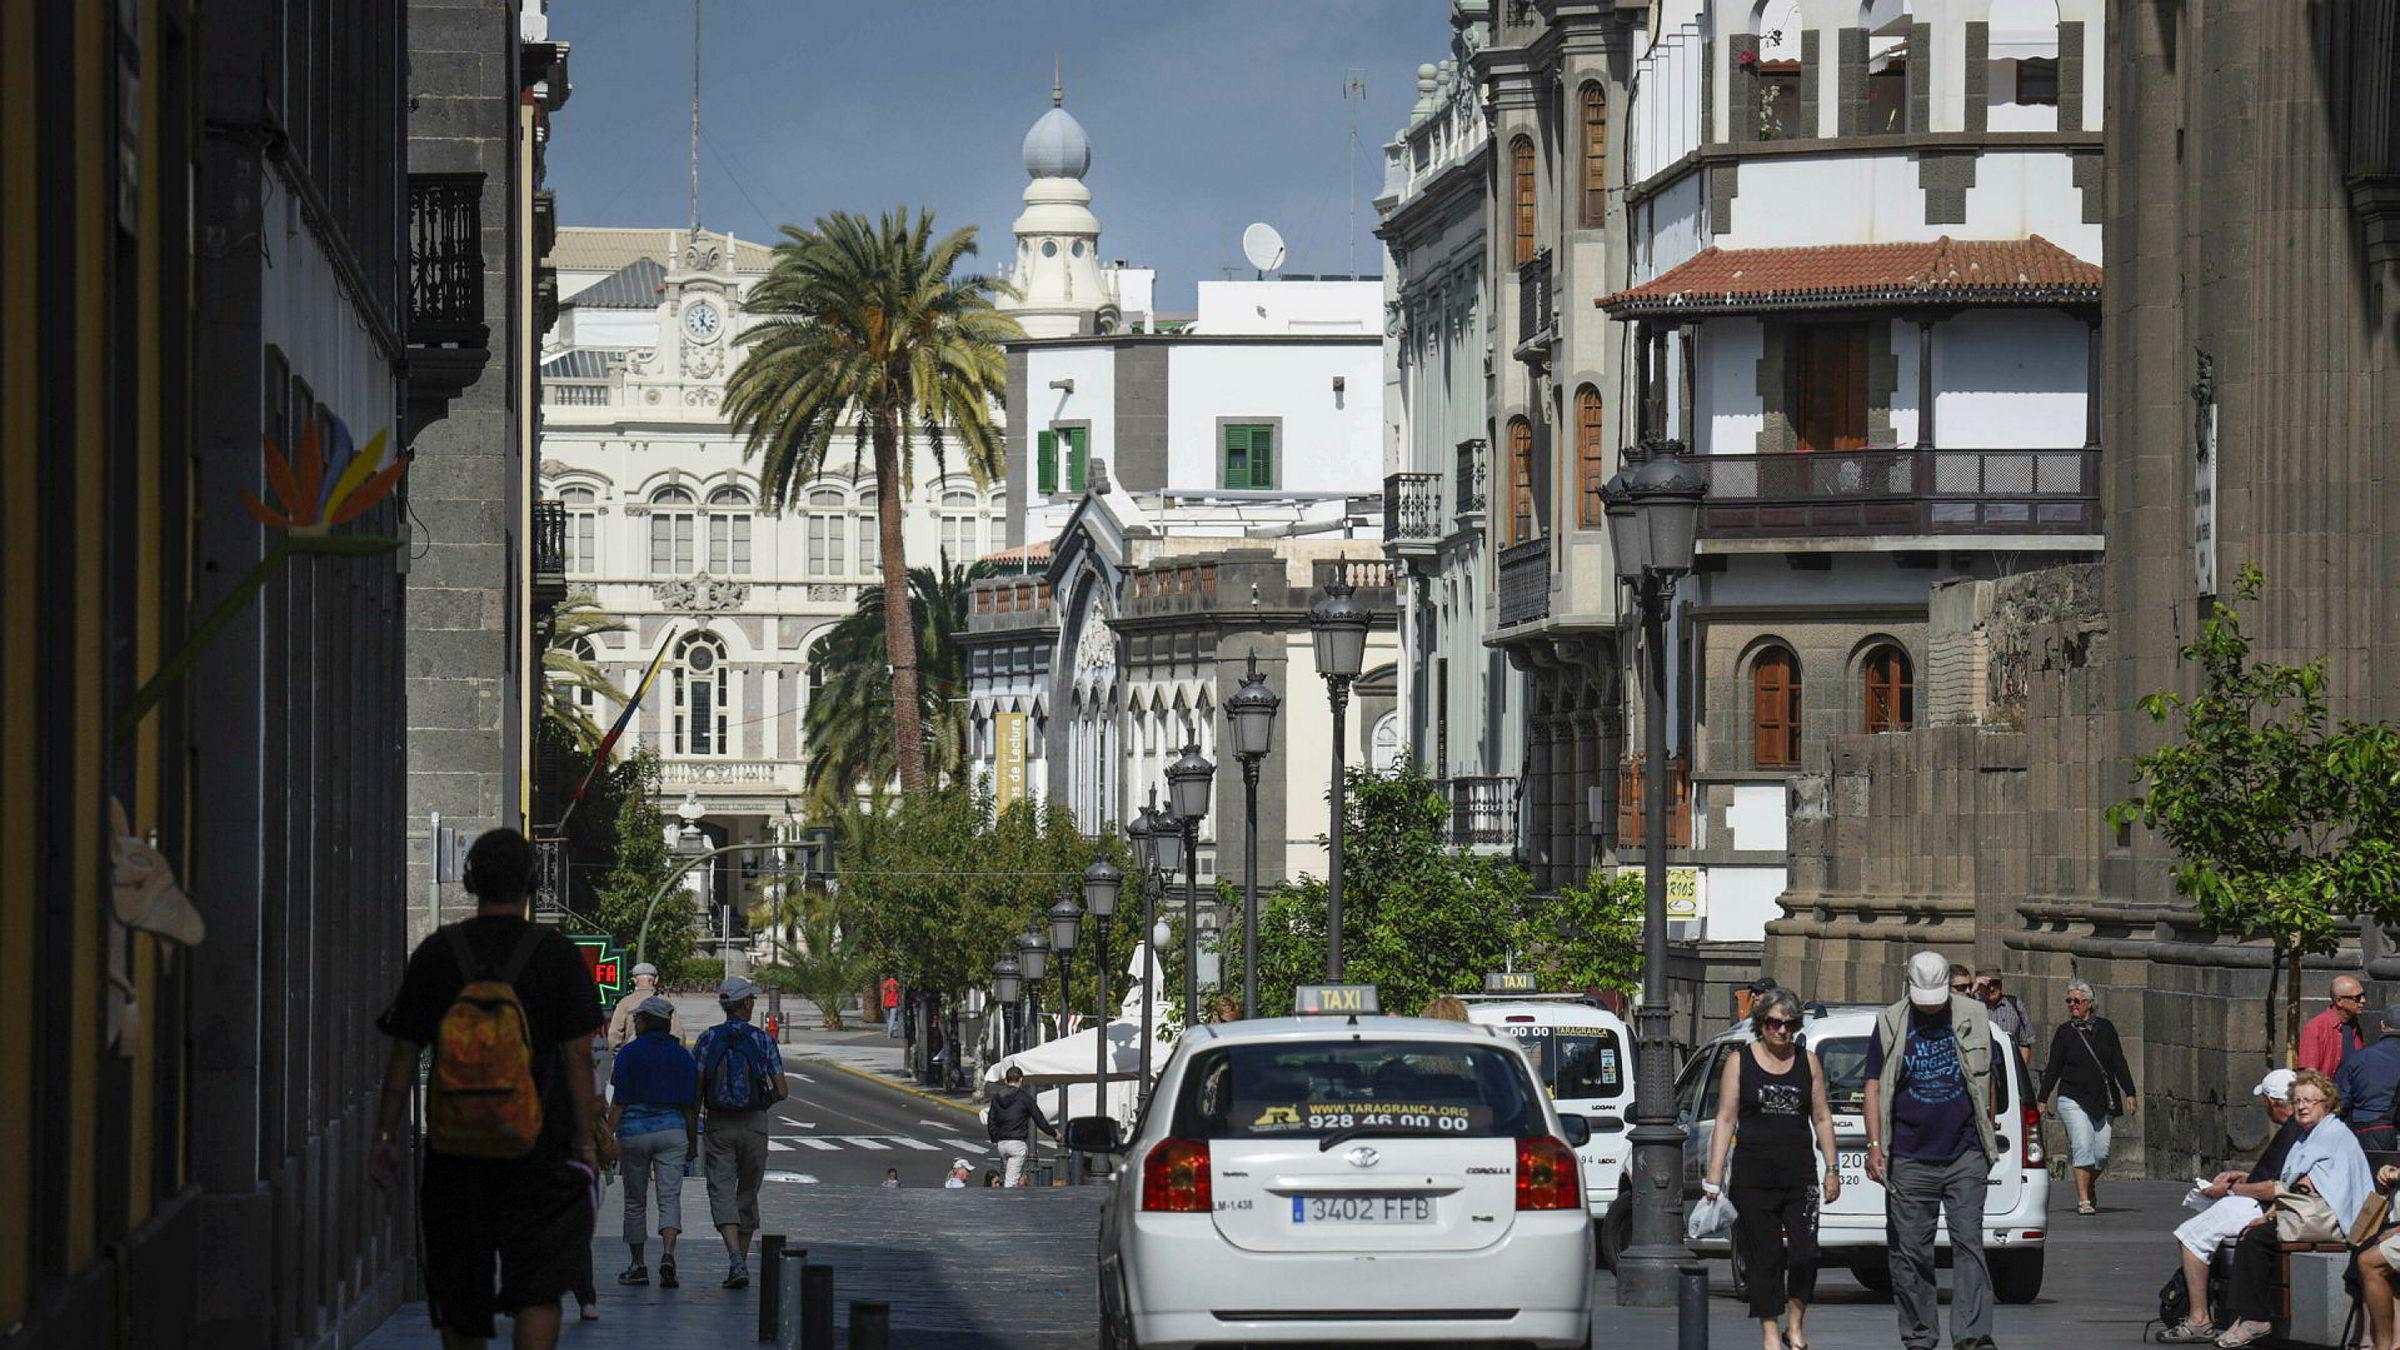 En nordmann mener seg svindlet da hun handlet nettbrett i en butikk på Gran Canaria, og krever erstatning fra banken. Her fra byen Las Palmas på Gran Canaria.